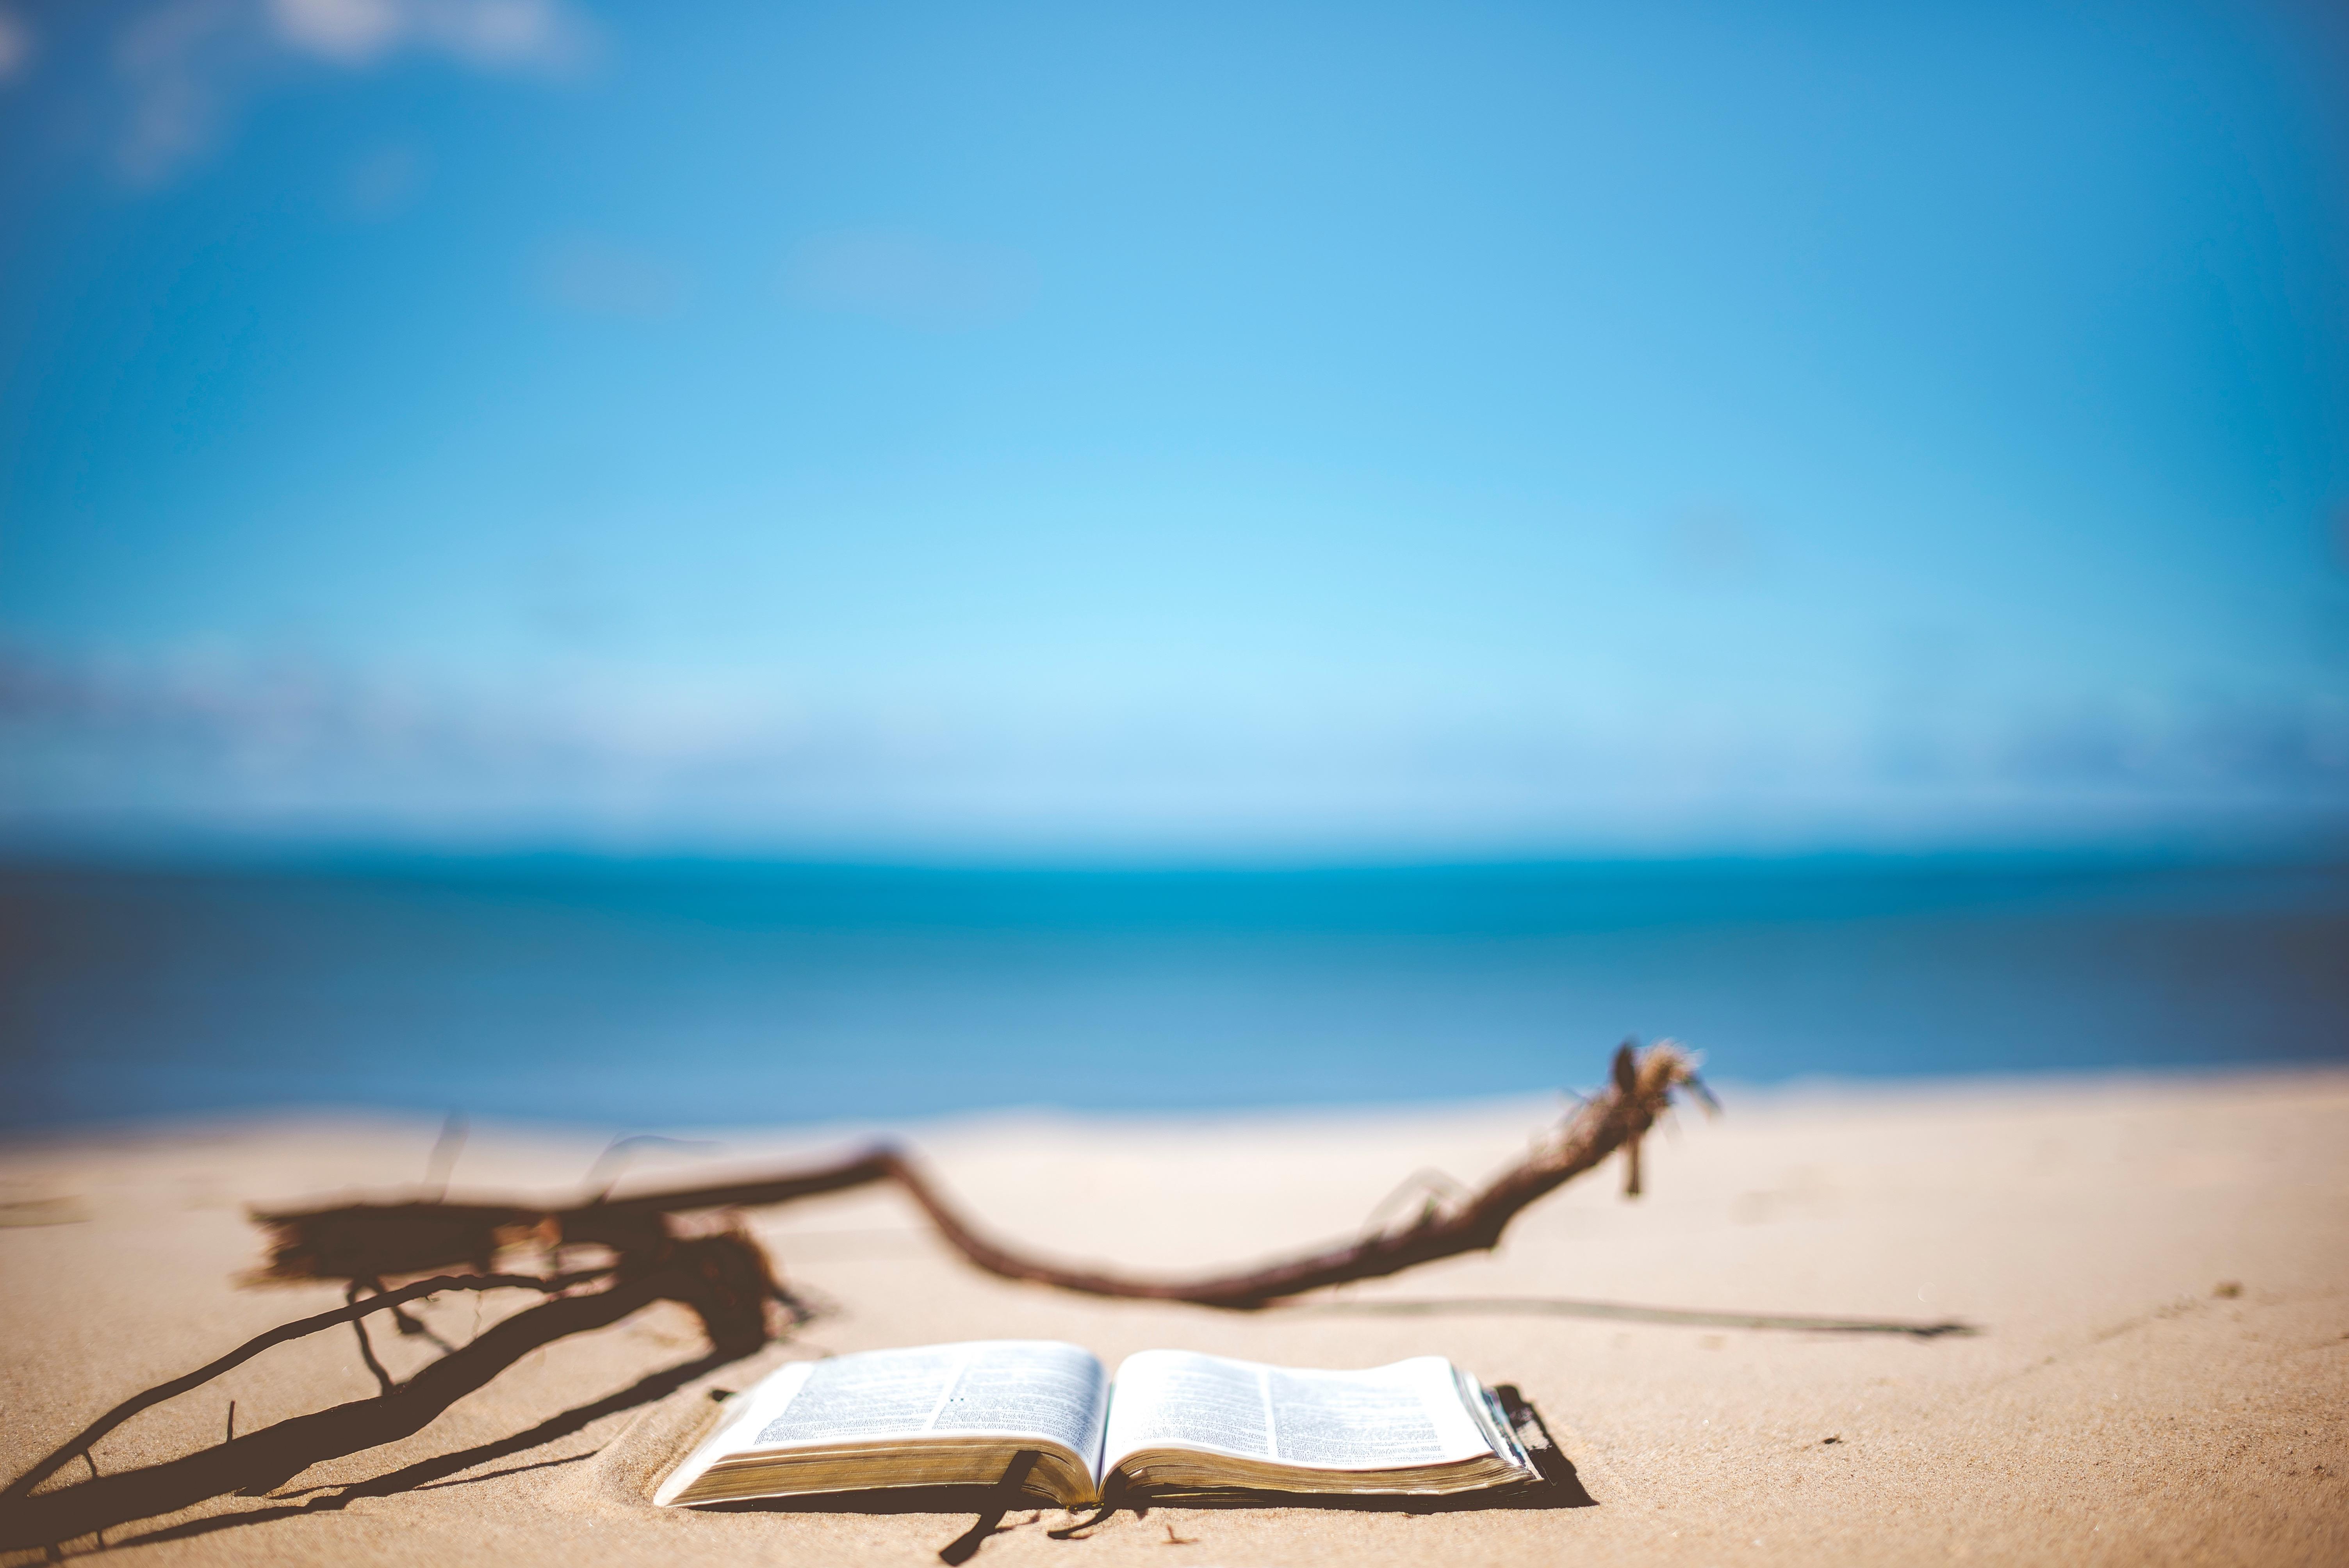 book-on-beach